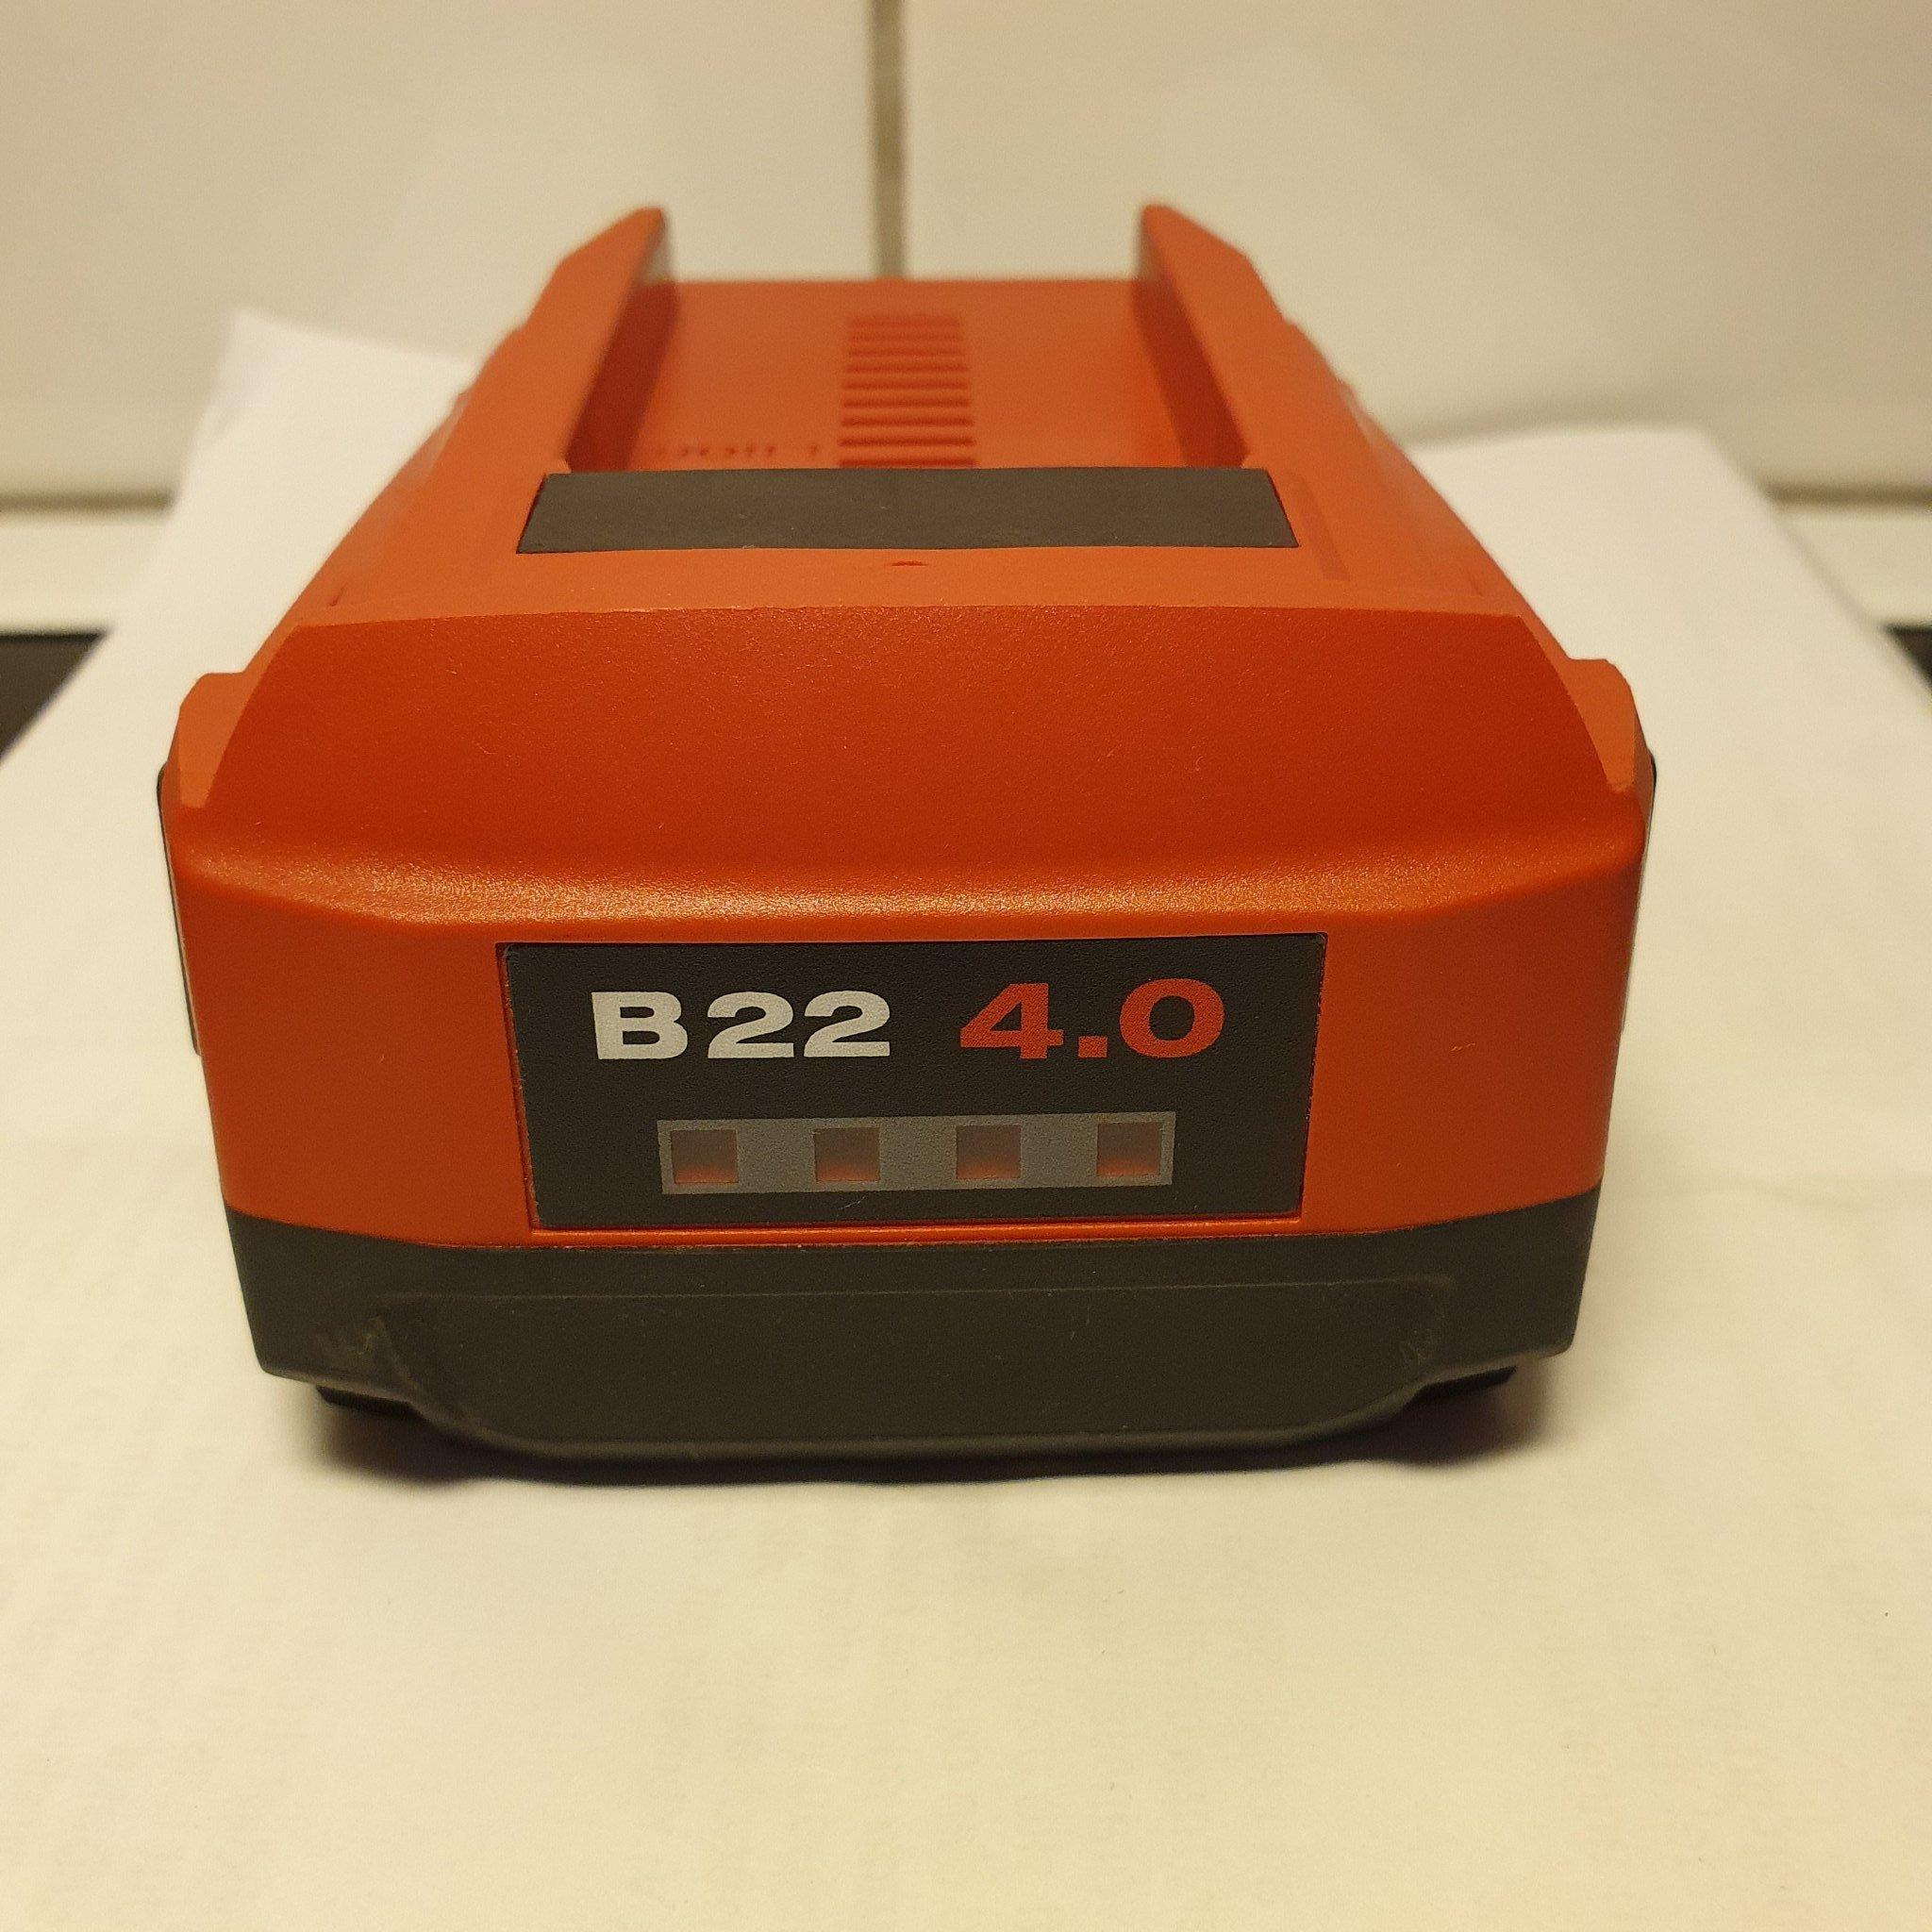 B22 4,0 22V batteri Batterier Hilti Sweden